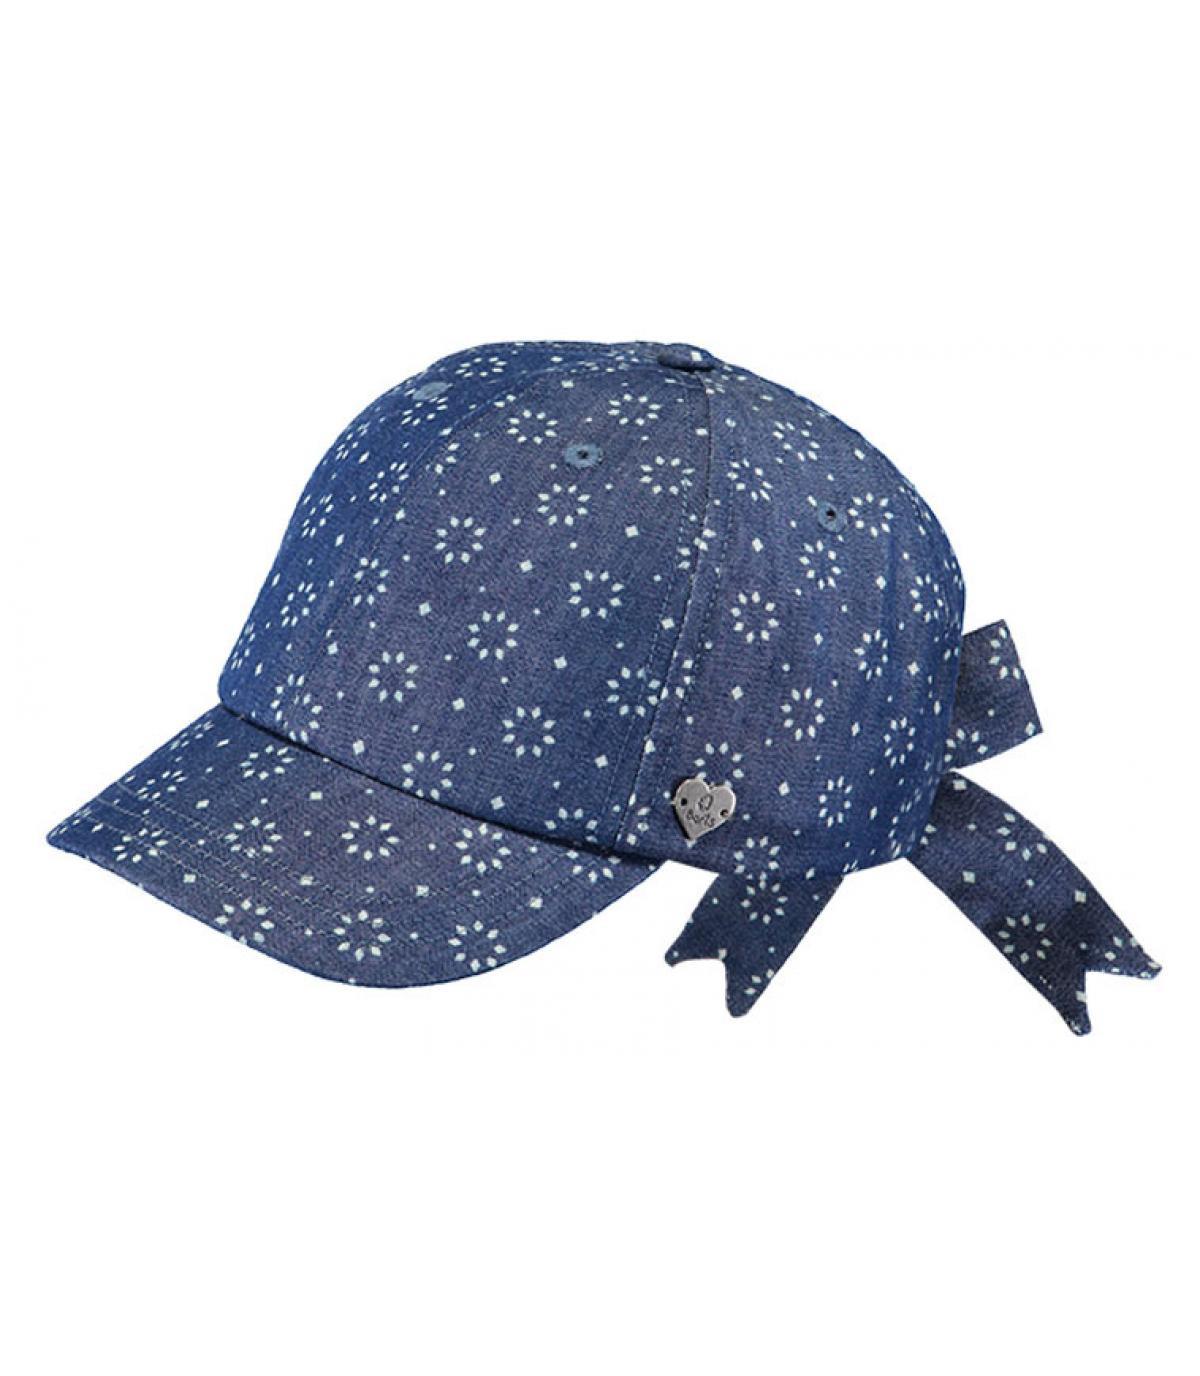 casquette enfant bleu nœud